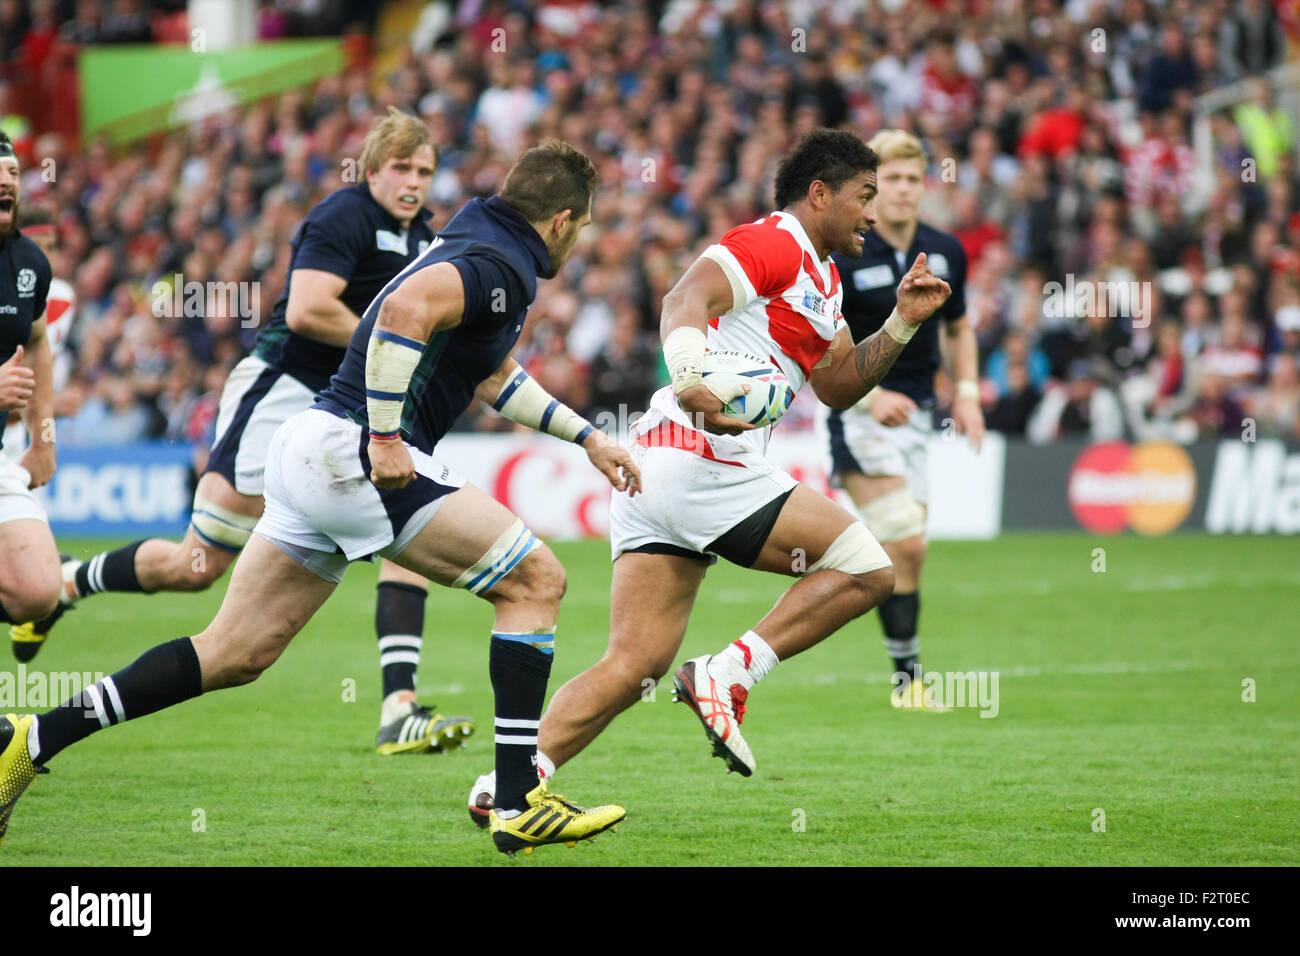 Gloucester, Regno Unito. 23 Settembre, 2015. Coppa del Mondo di Rugby 2015 - Scozia contro il Giappone, giocato Immagini Stock